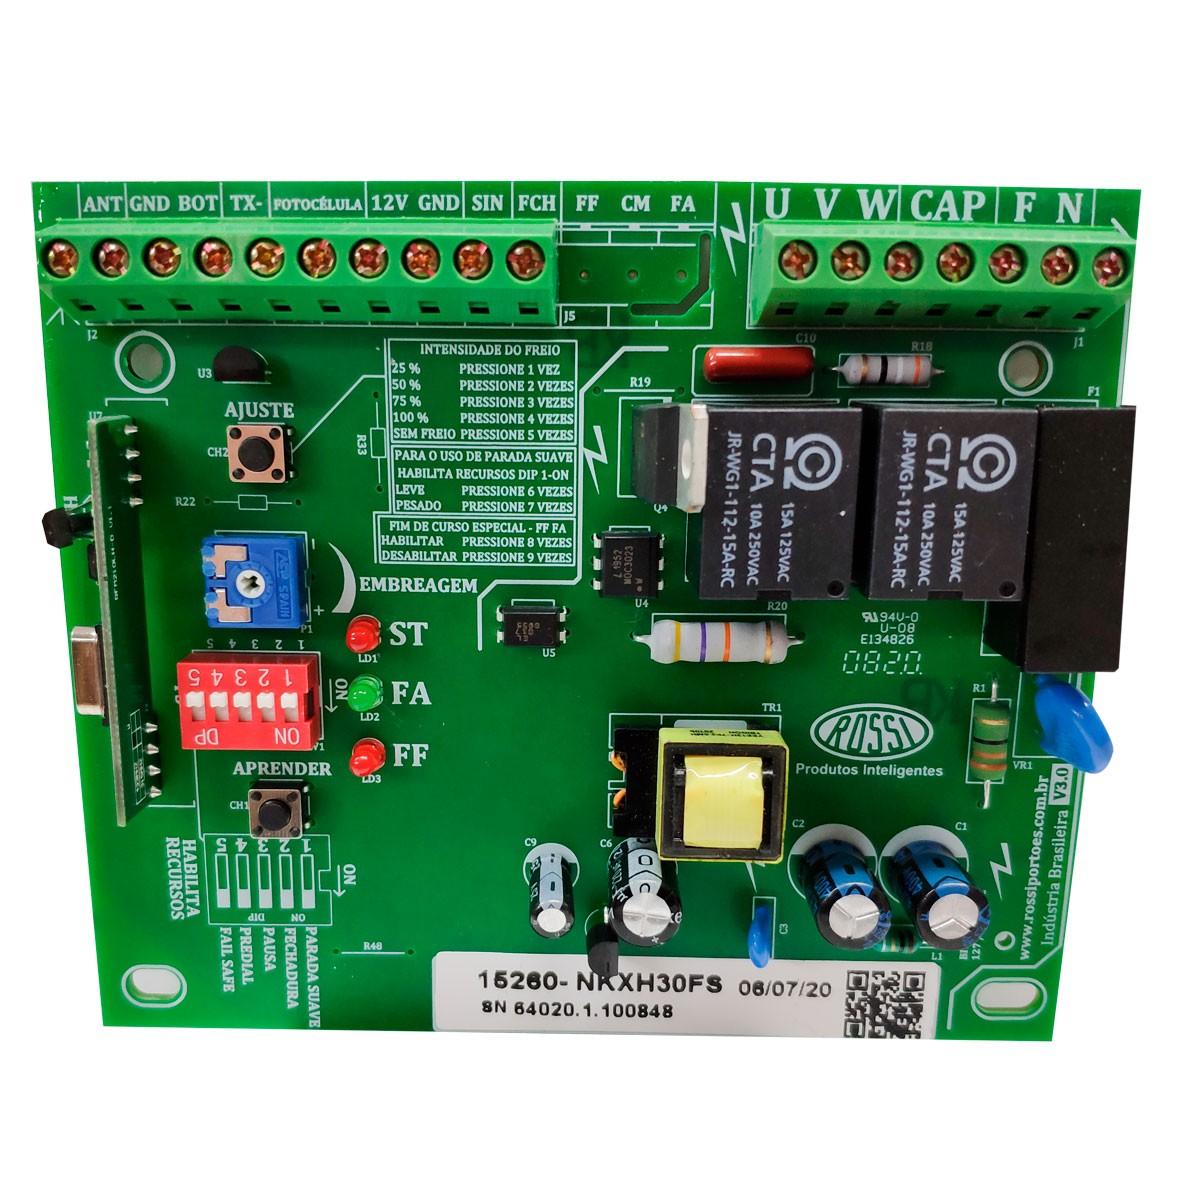 placa-central-de-comando-para-motor-de-portao-inter-dig-rossi-cm-nkxh30-fs-433-mhz